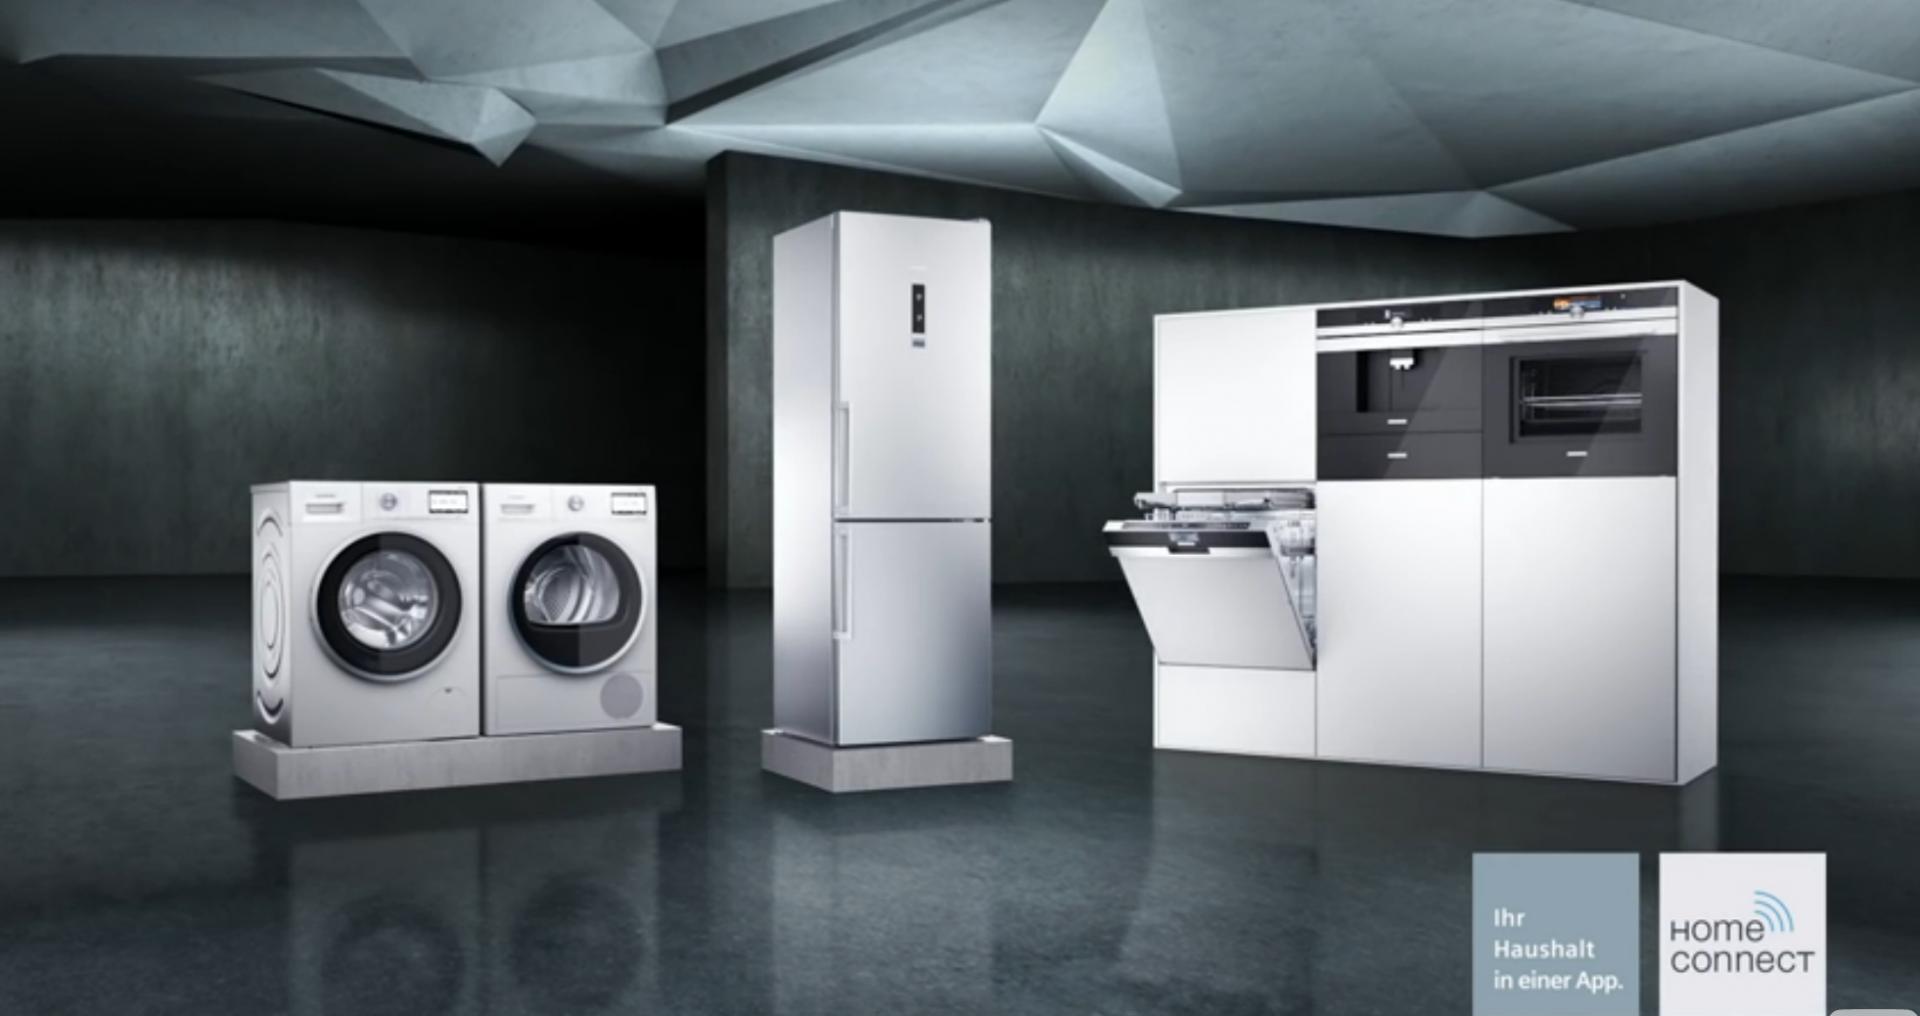 Siemens Kühlschrank Home Connect Einrichten : Vernetzt siemens home connect demonstriert die vorteile von smart